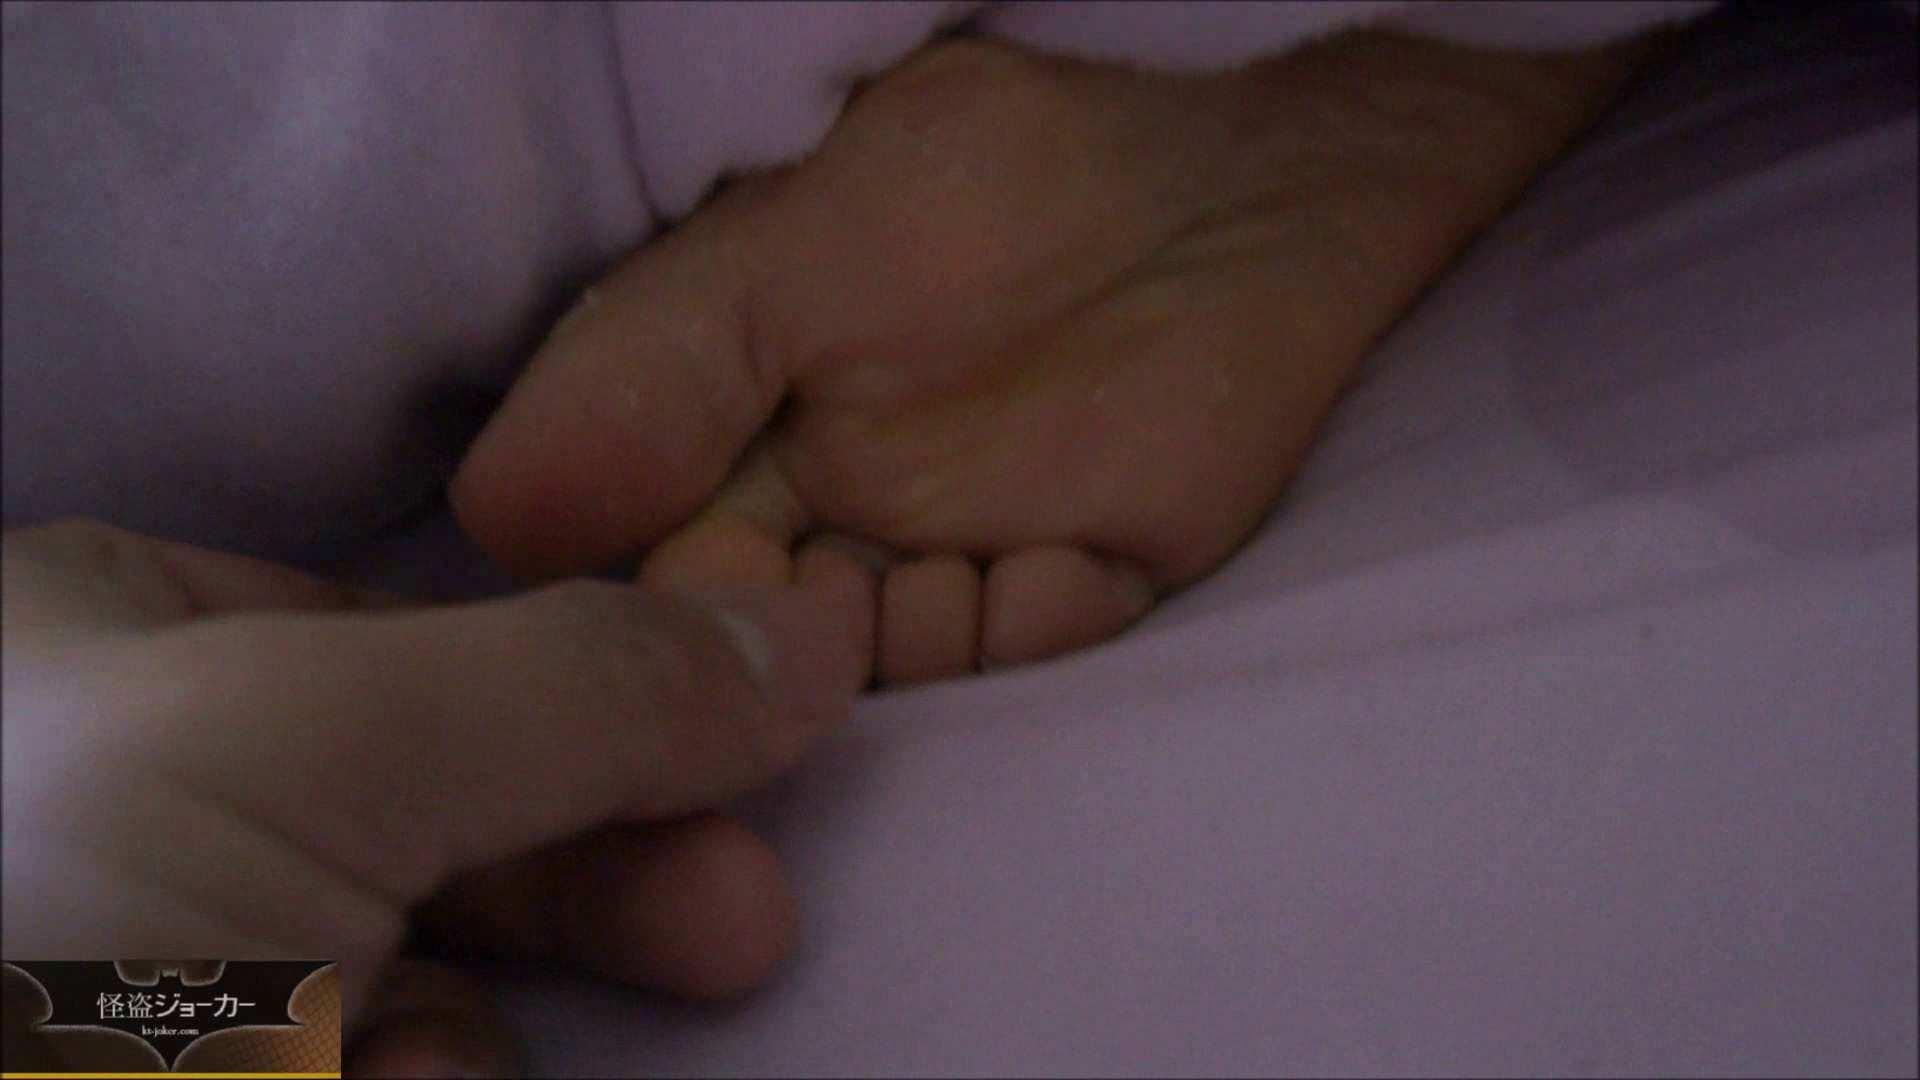 【未公開】vol.1 【ユリナの実女市・ヒトミ】若ママを目民らせて・・・ お姉さんのSEX オマンコ動画キャプチャ 106枚 2